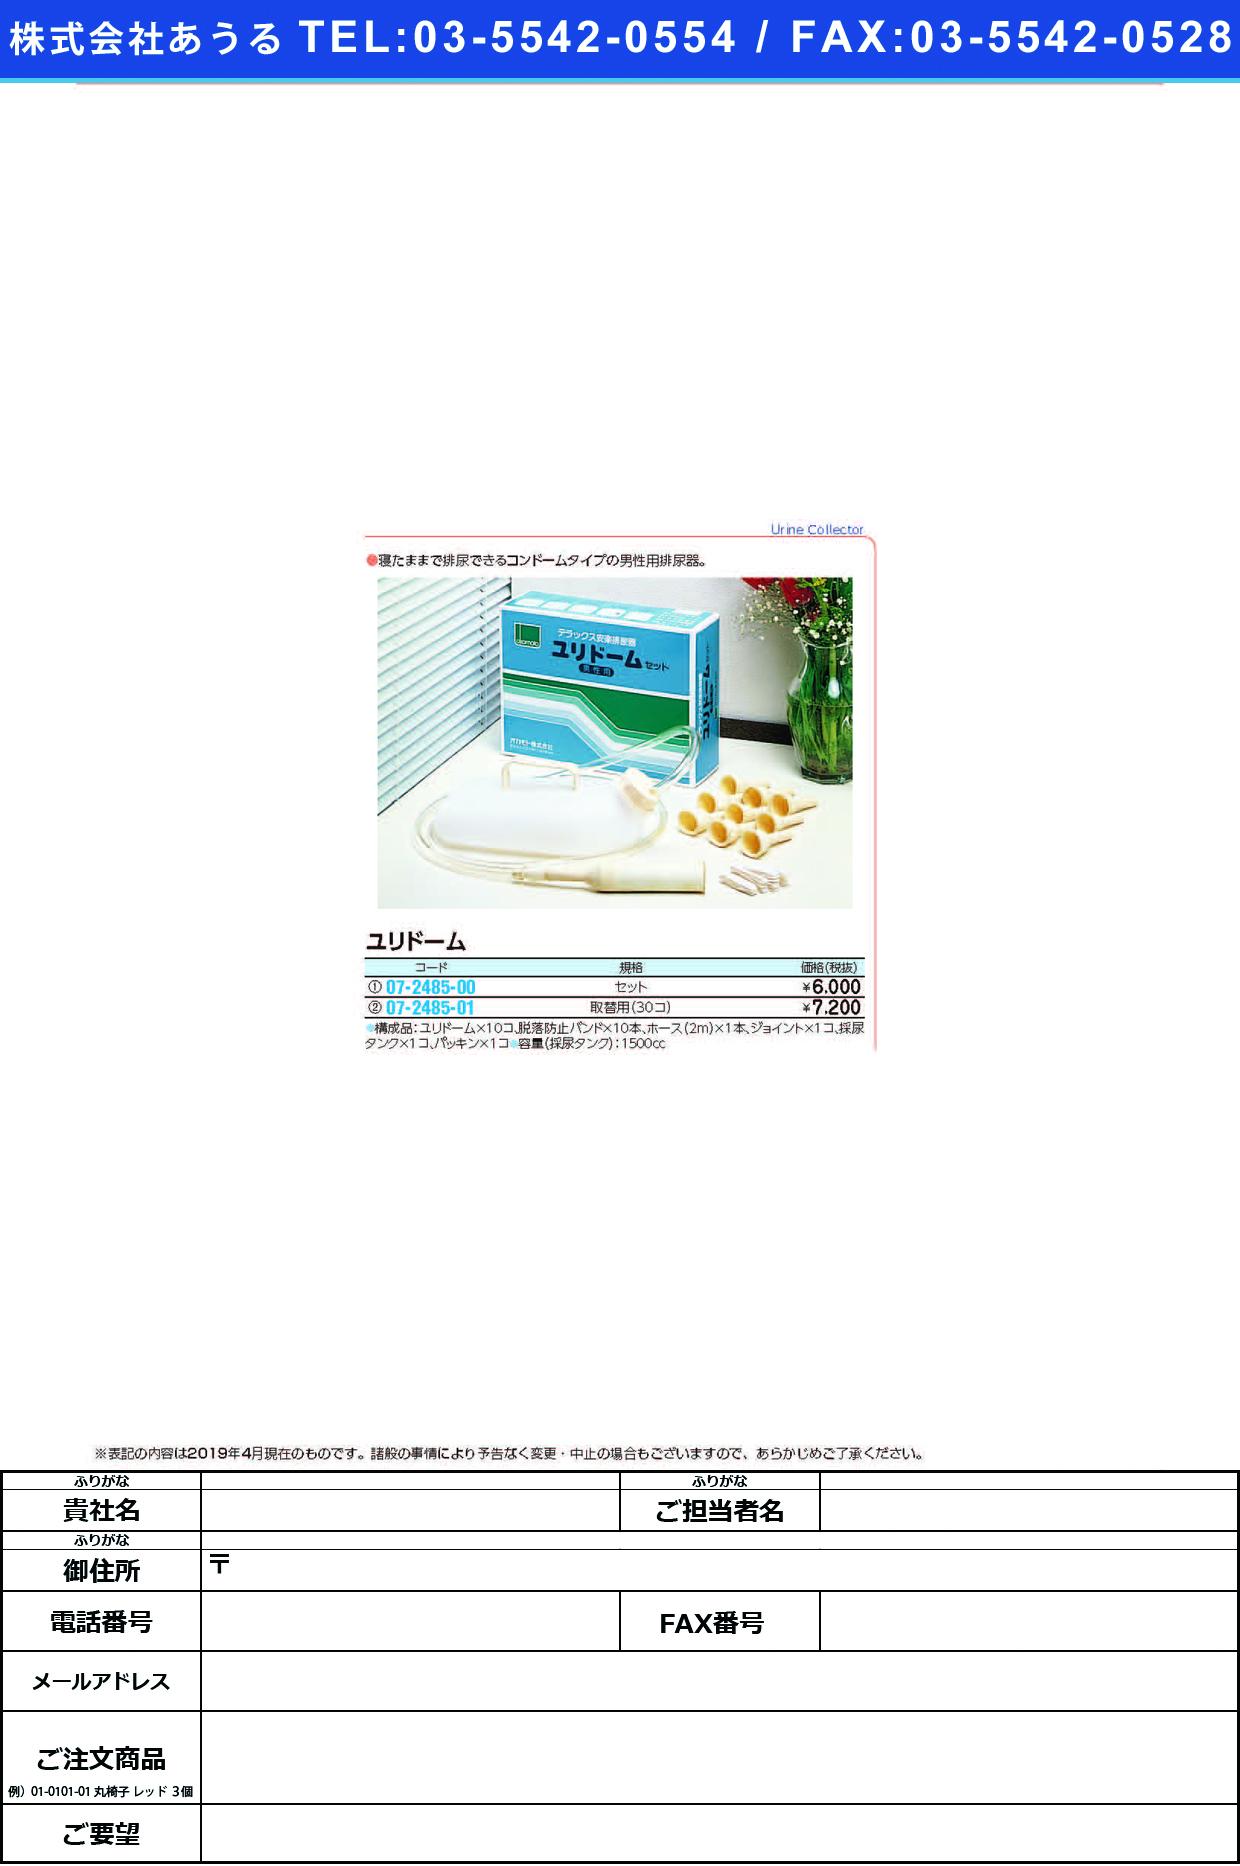 (07-2485-01)オカモトユリドーム(取替用) 1261A(10コX3パック) ユリドーム(トリカエヨウ)(オカモト)【1箱単位】【2019年カタログ商品】